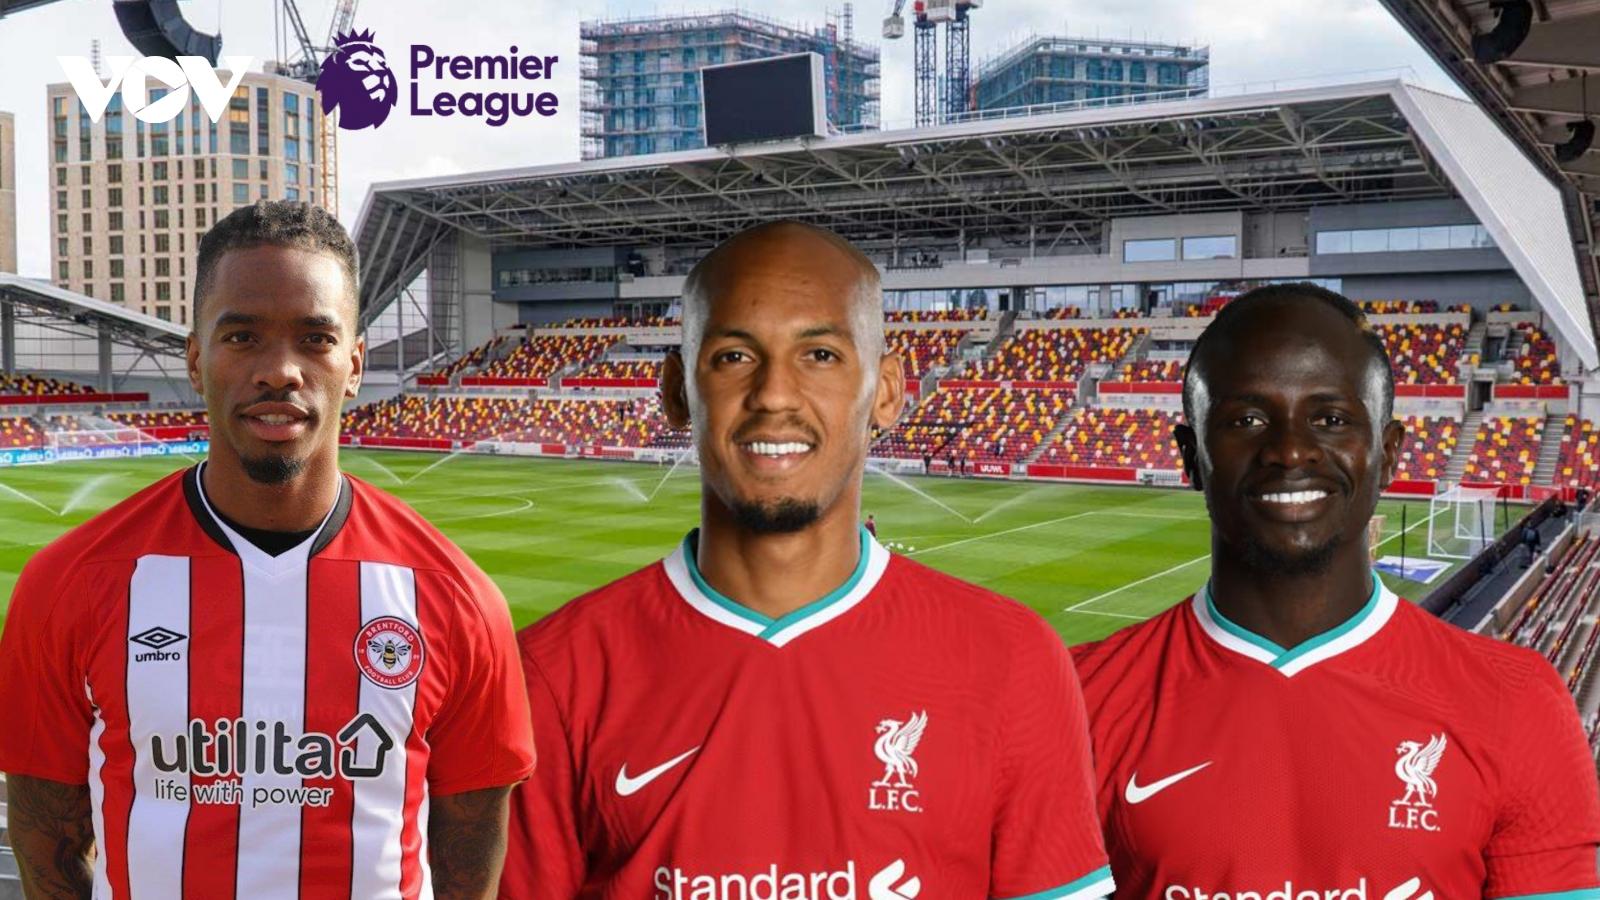 Dự đoán kết quả, đội hình xuất phát trận Brentford - Liverpool